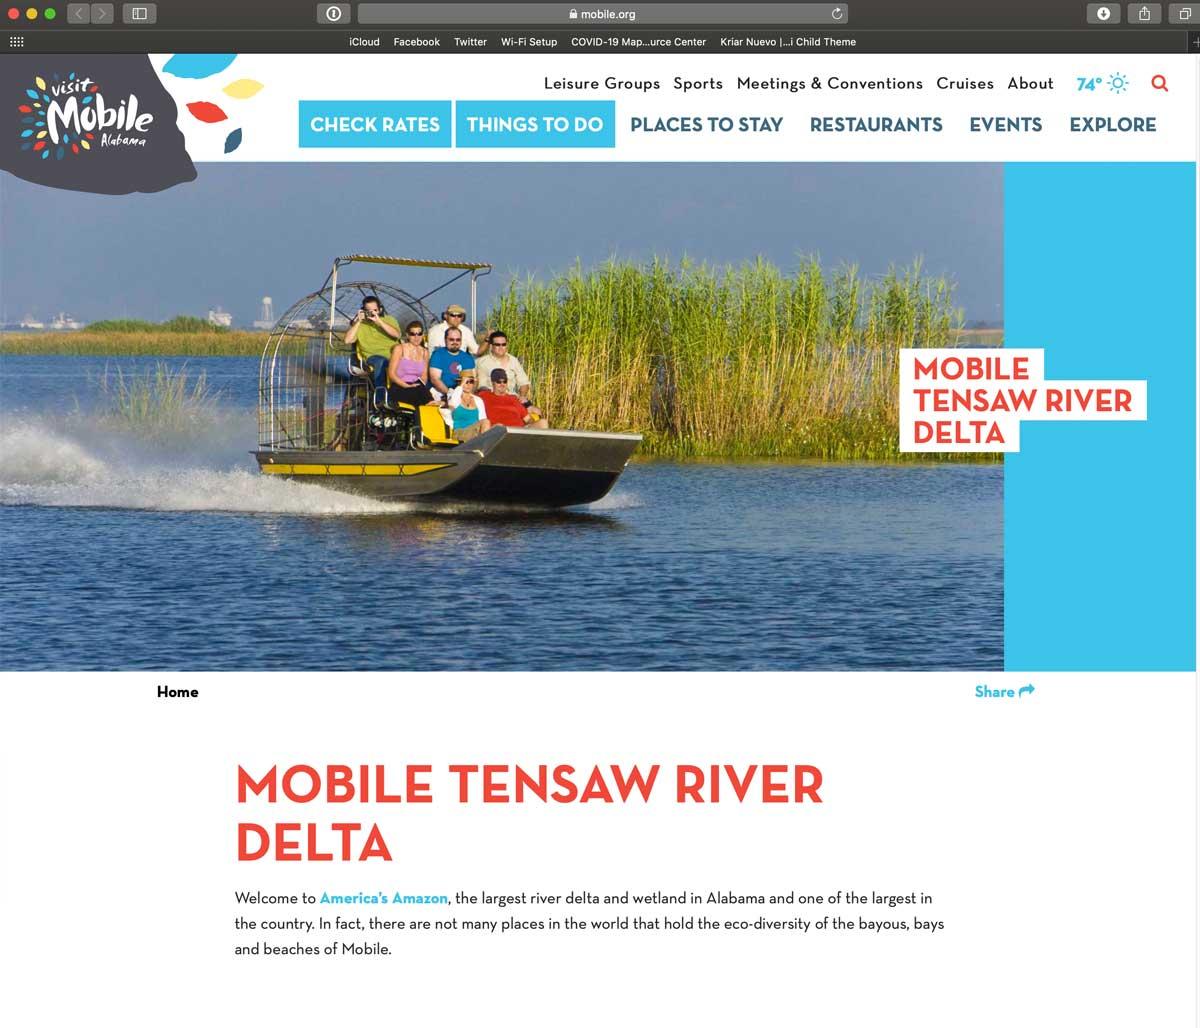 Mobile Tensaw River Delta